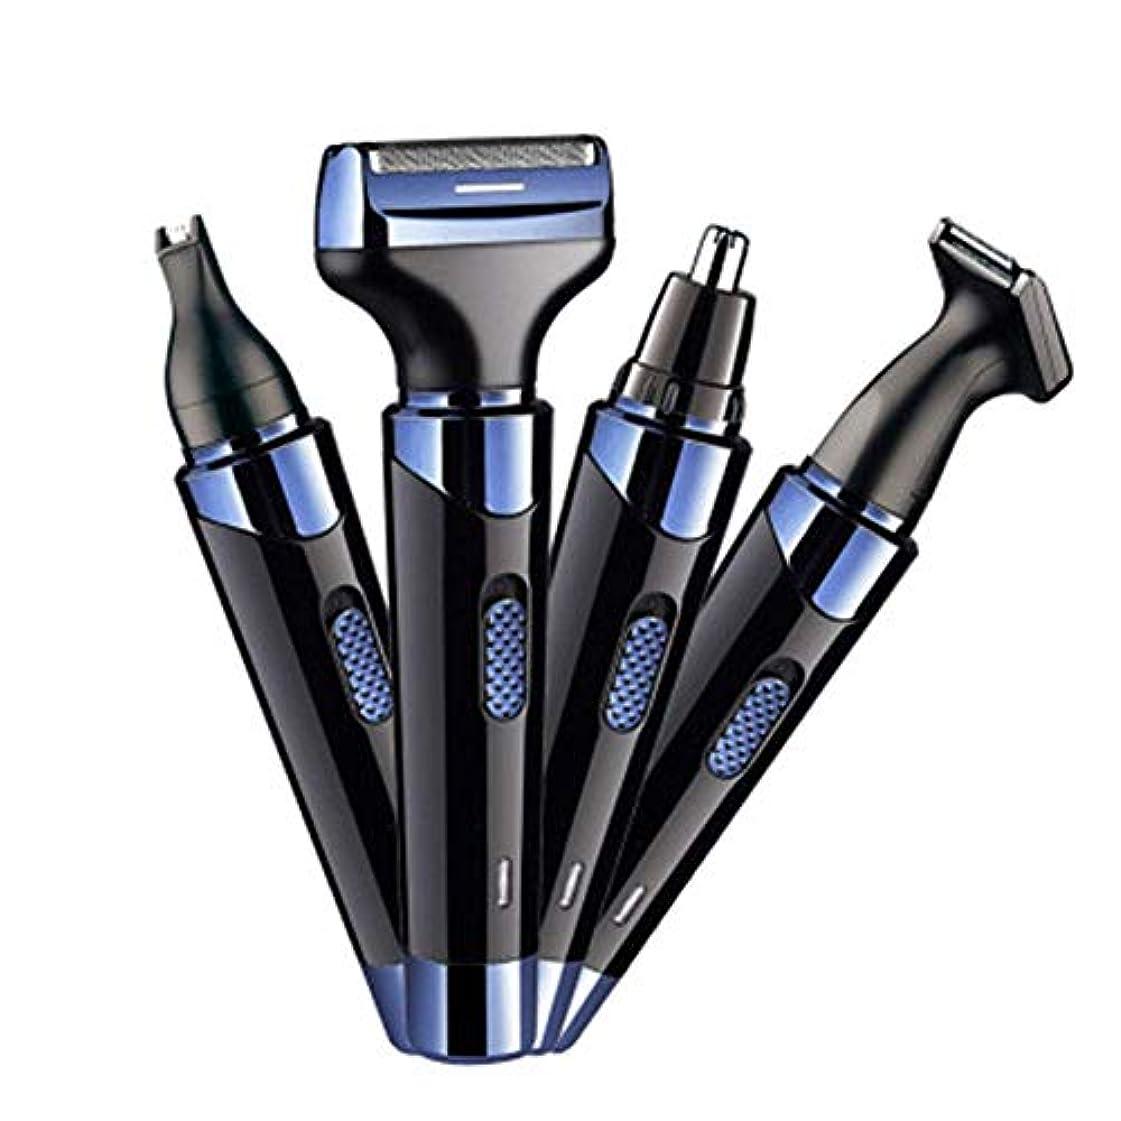 爆風パン独創的鼻毛トリマー4インチ1軽量防水電気メンズ多機能鼻毛トリマー